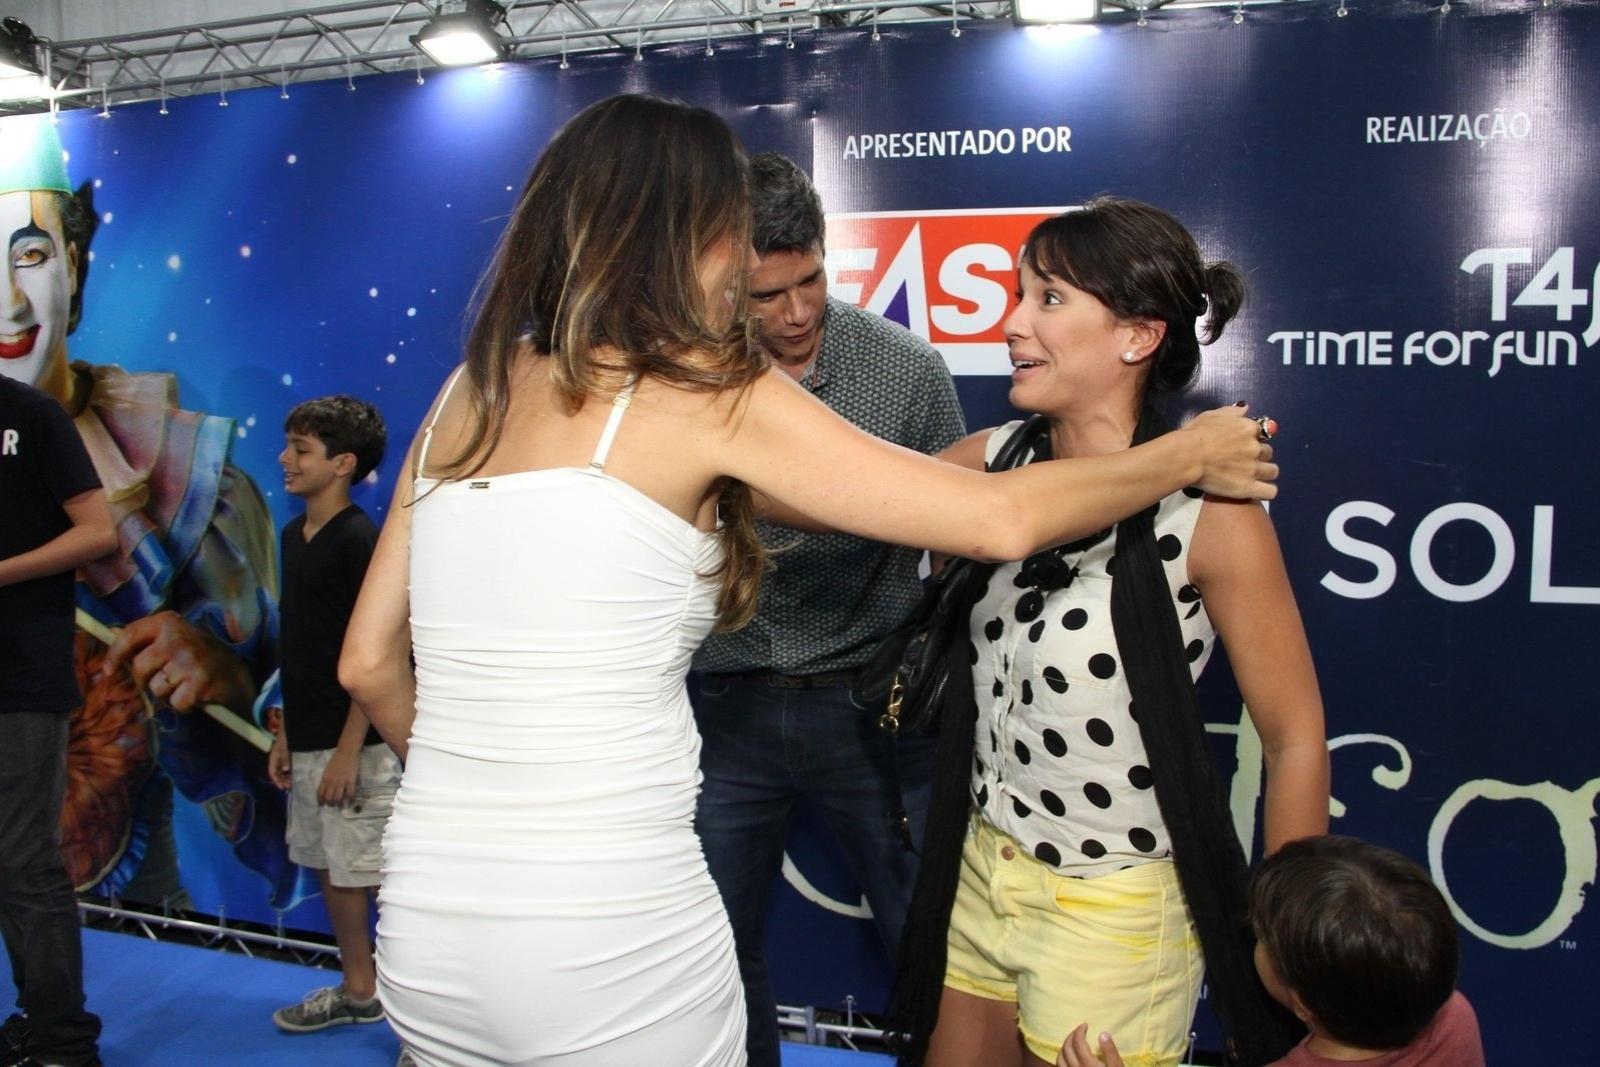 28.dez.2013 - Juliana Knust cumprimenta Andrea Santa Rosa, mulher de Marcio Garcia, ao chegar para a sessão para convidados da estreia de